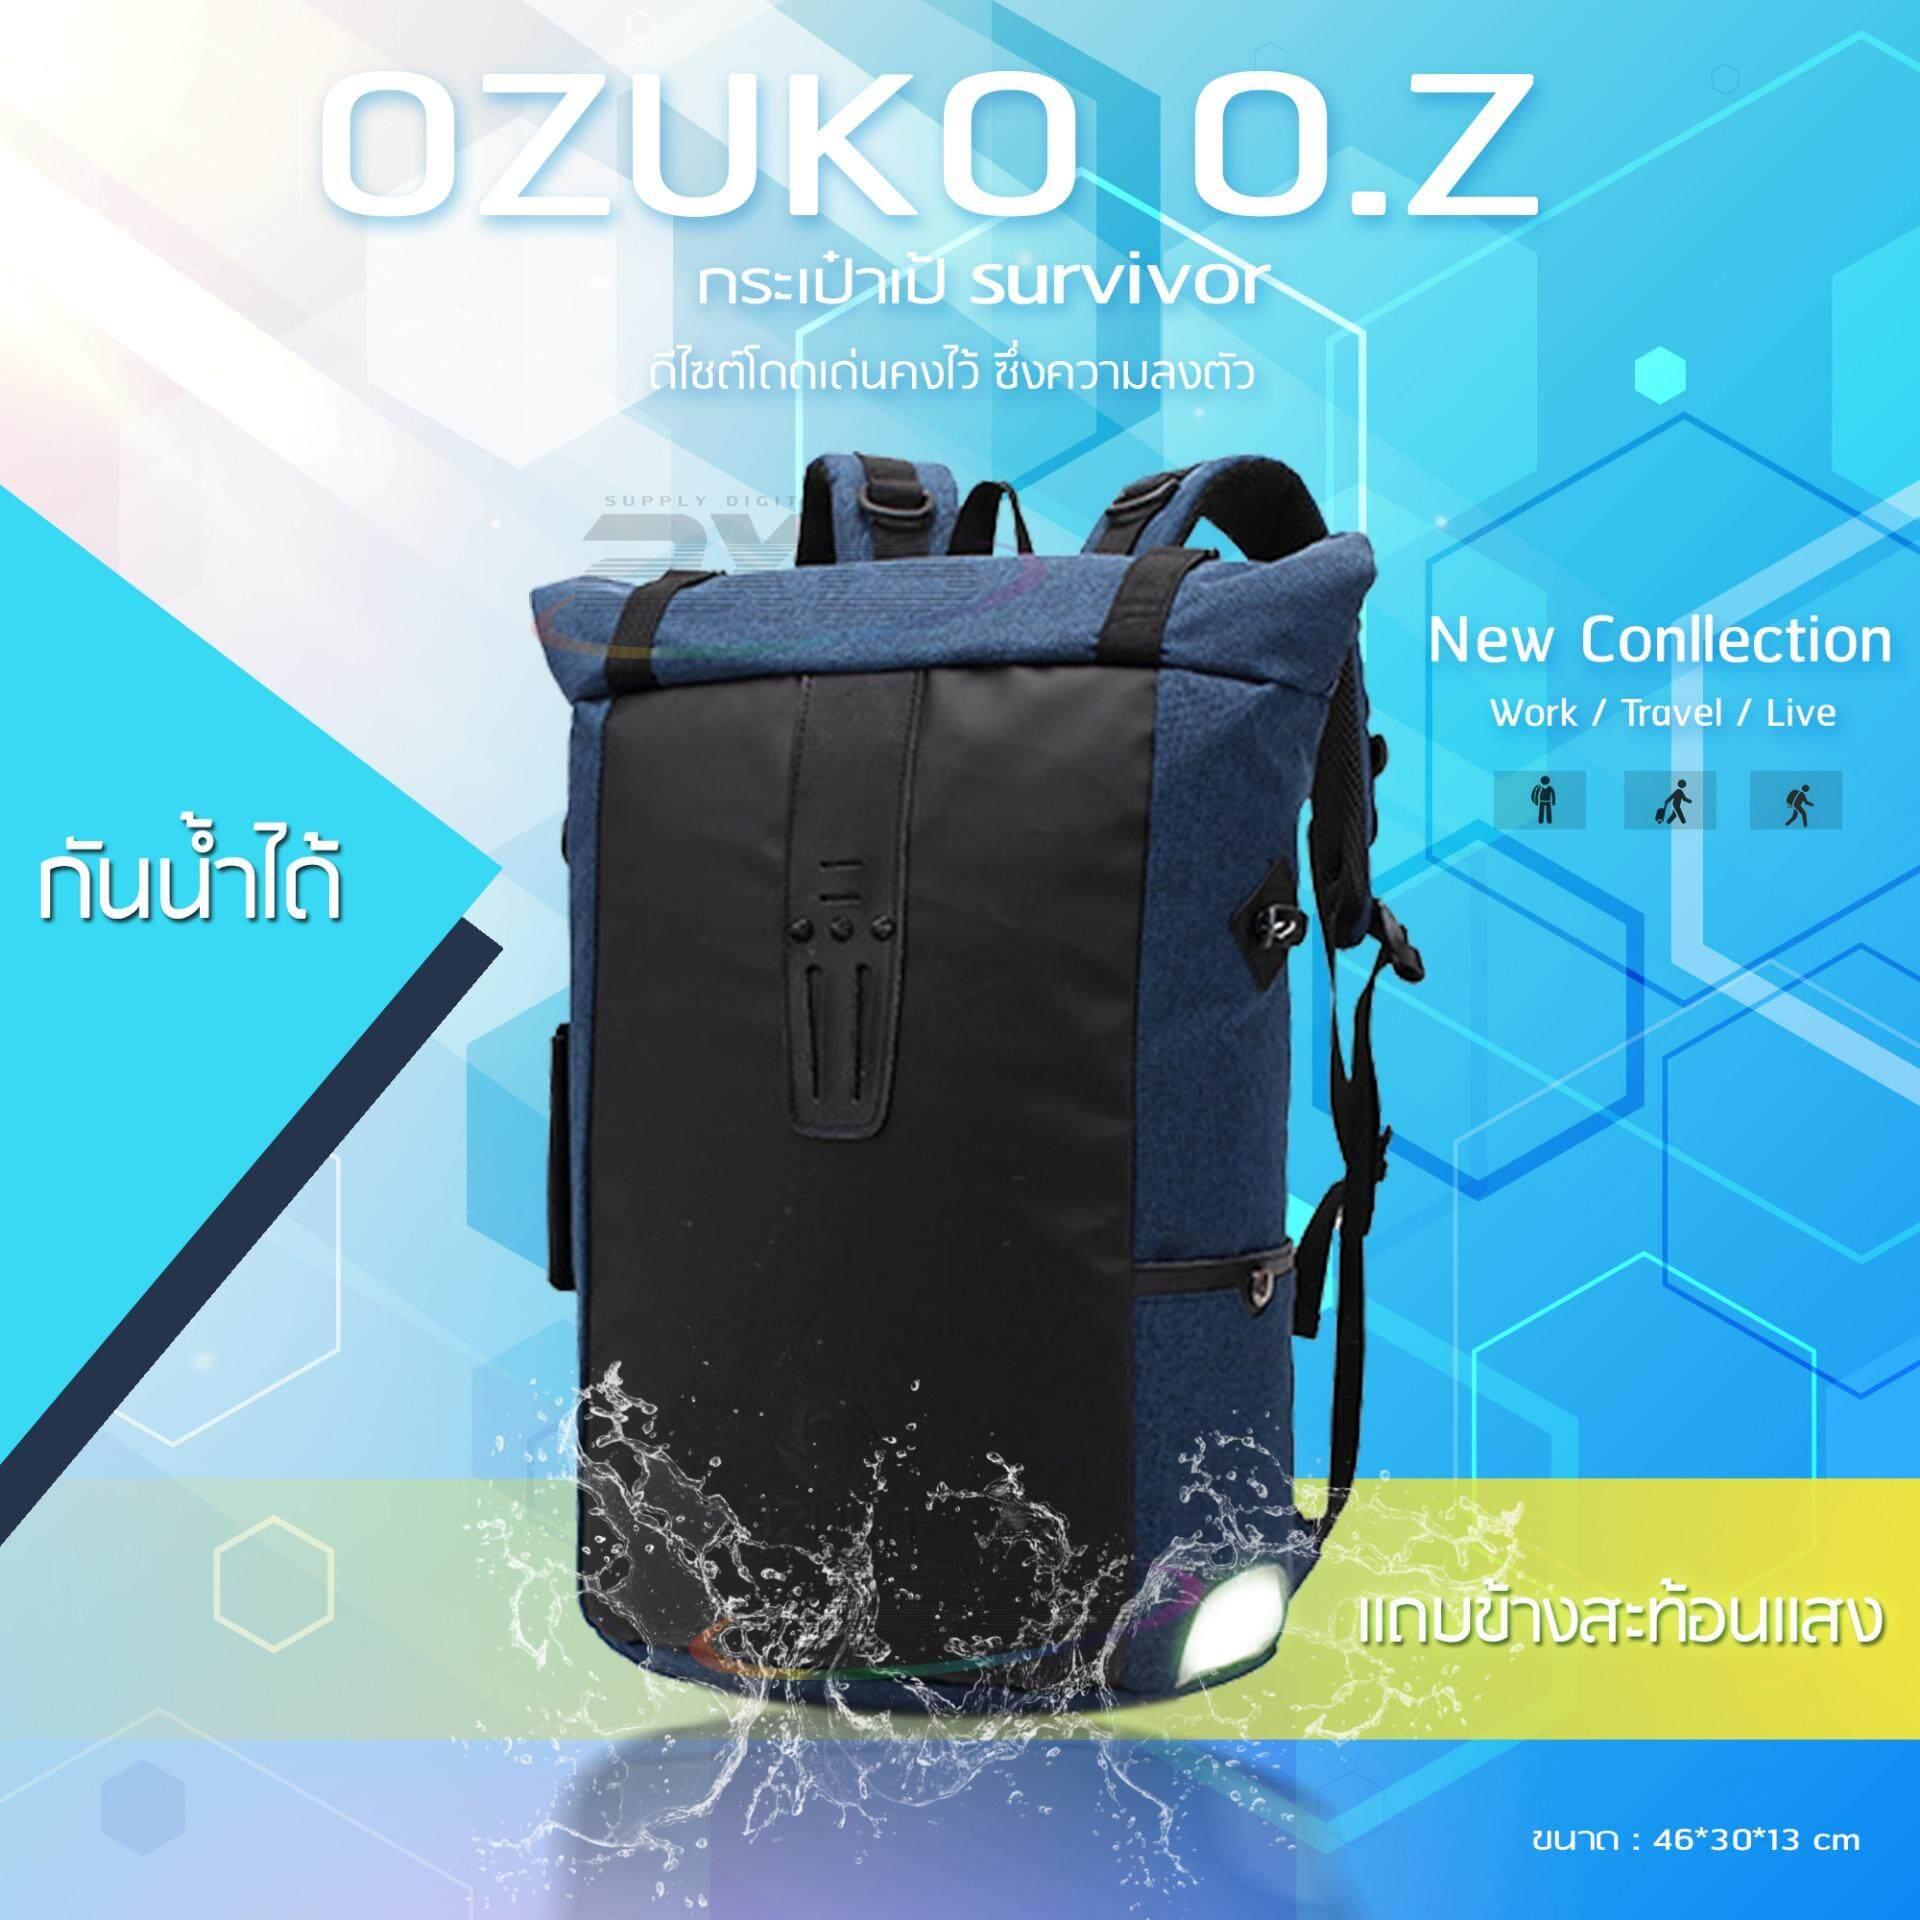 ซื้อ Ozuko Backpack รุ่น Oz กระเป๋า Biker สุดเท่ กระเป๋าเป้แฟชั่น กระเป๋าโน๊ตบุ๊ค เป้สะพายหลัง สีน้ำเงิน ใหม่